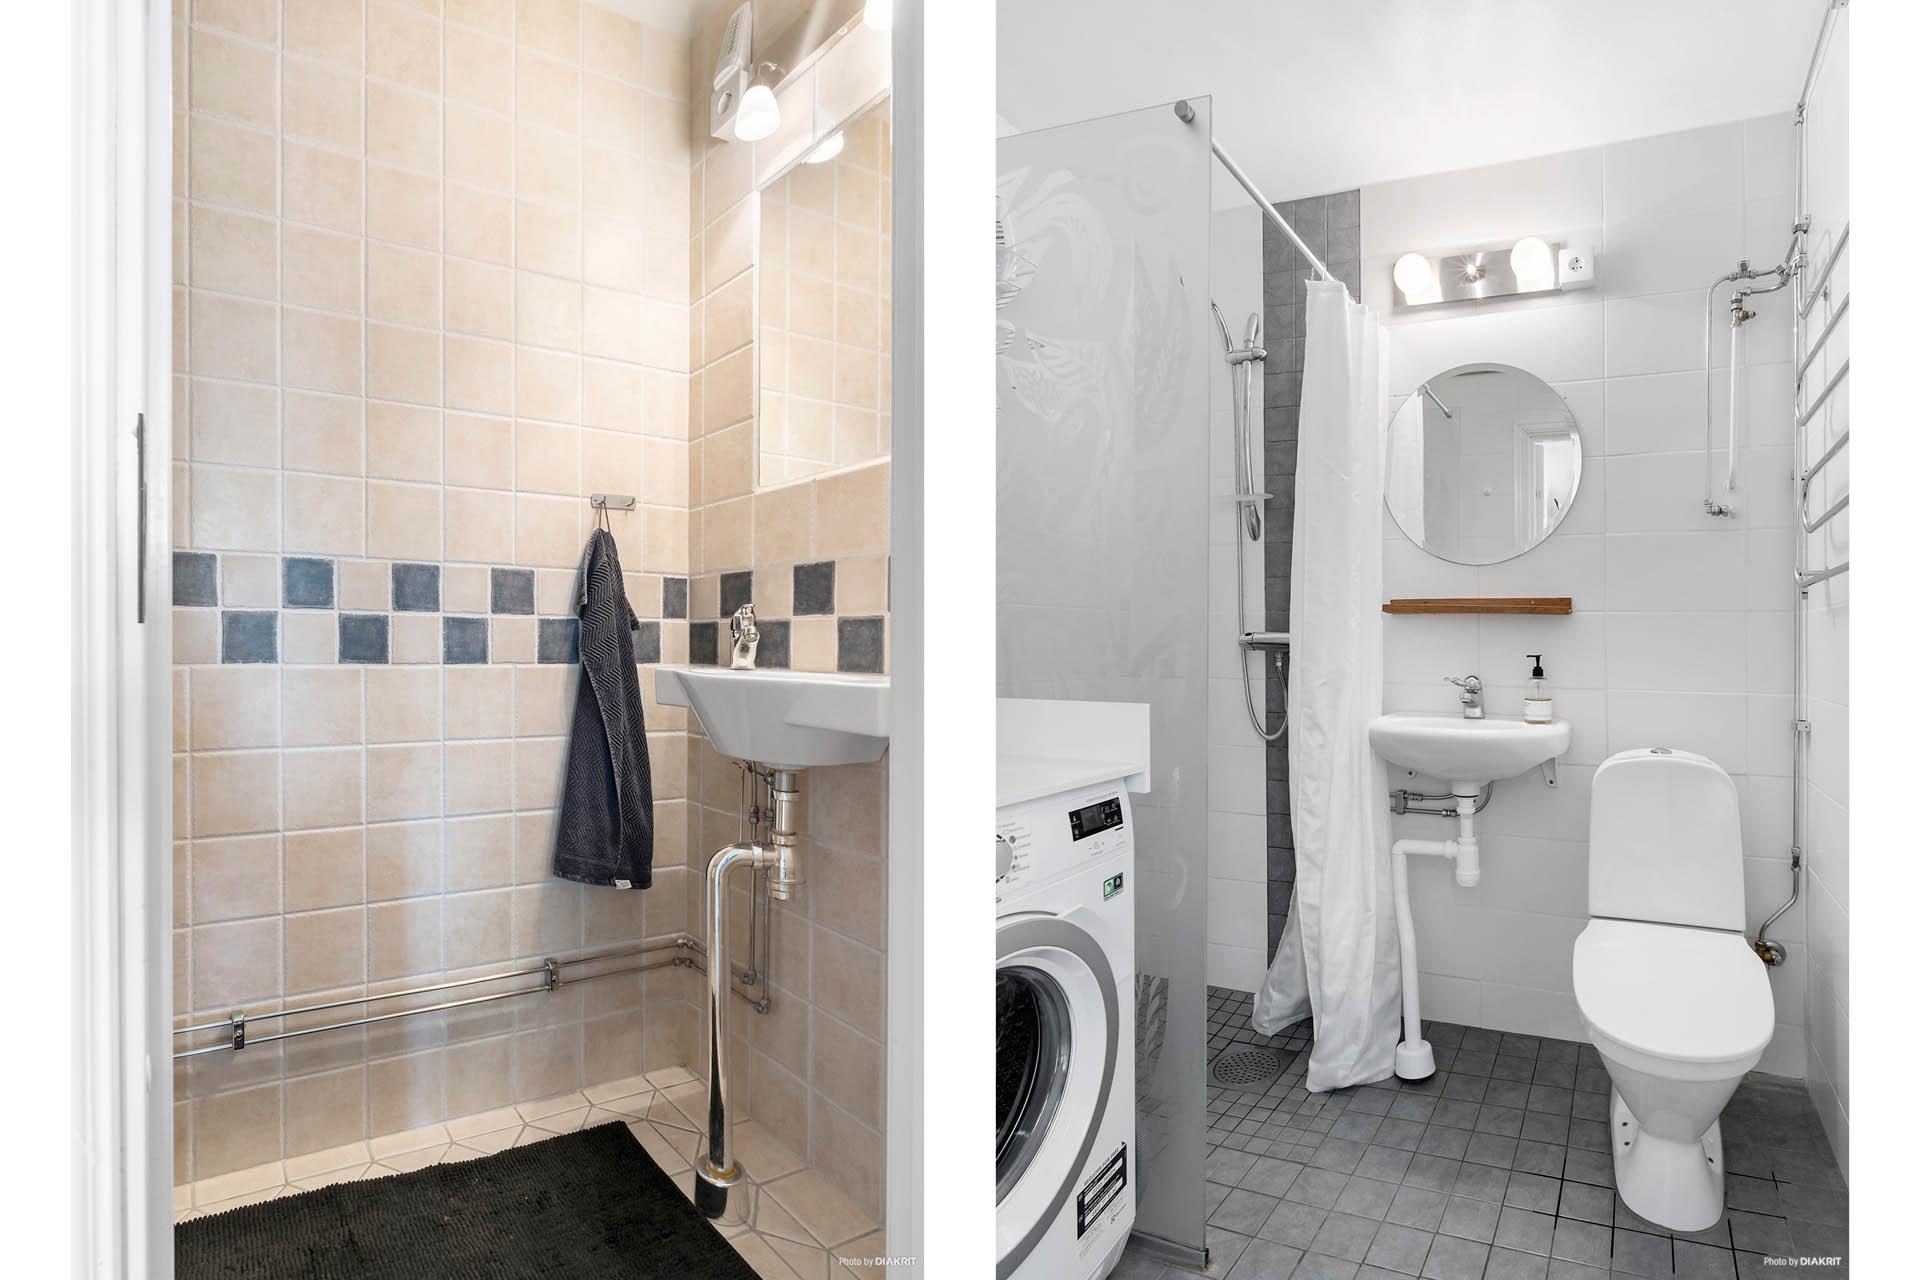 Separat toalettrum med extra toalett och renoverat duschrum